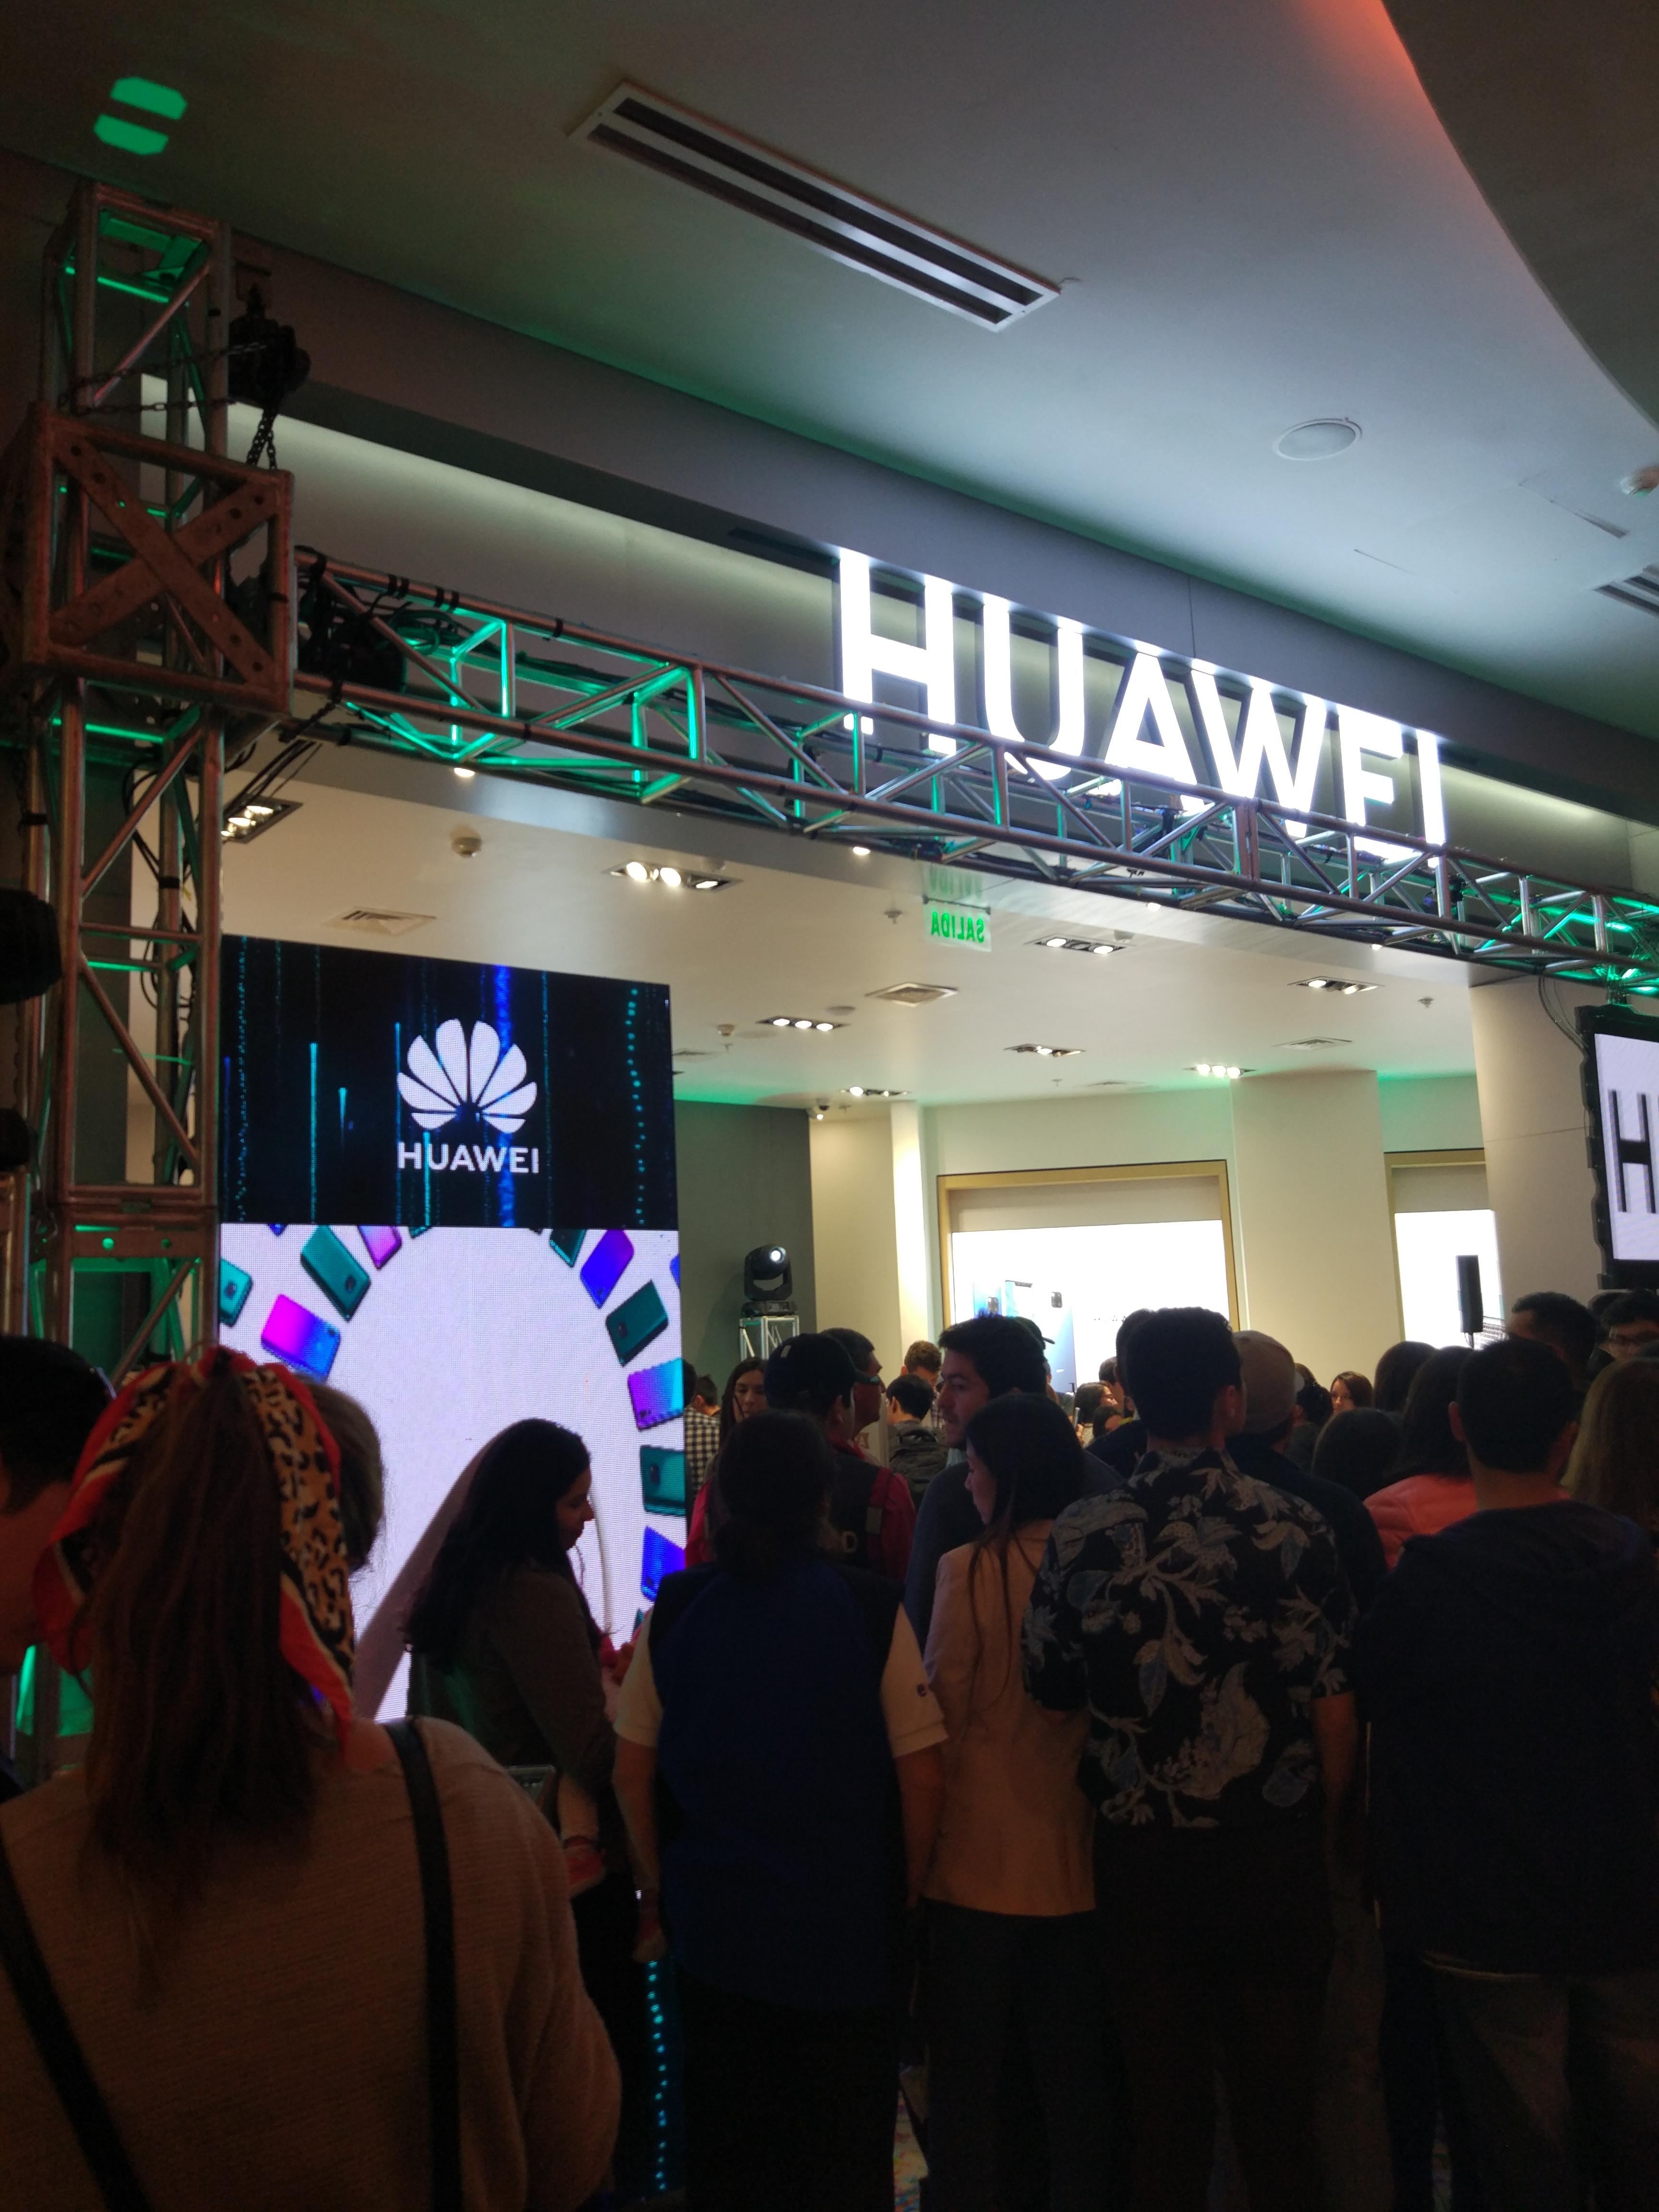 inauguración de tienda Huawei en Mall Plaza del Trébol   BBCL